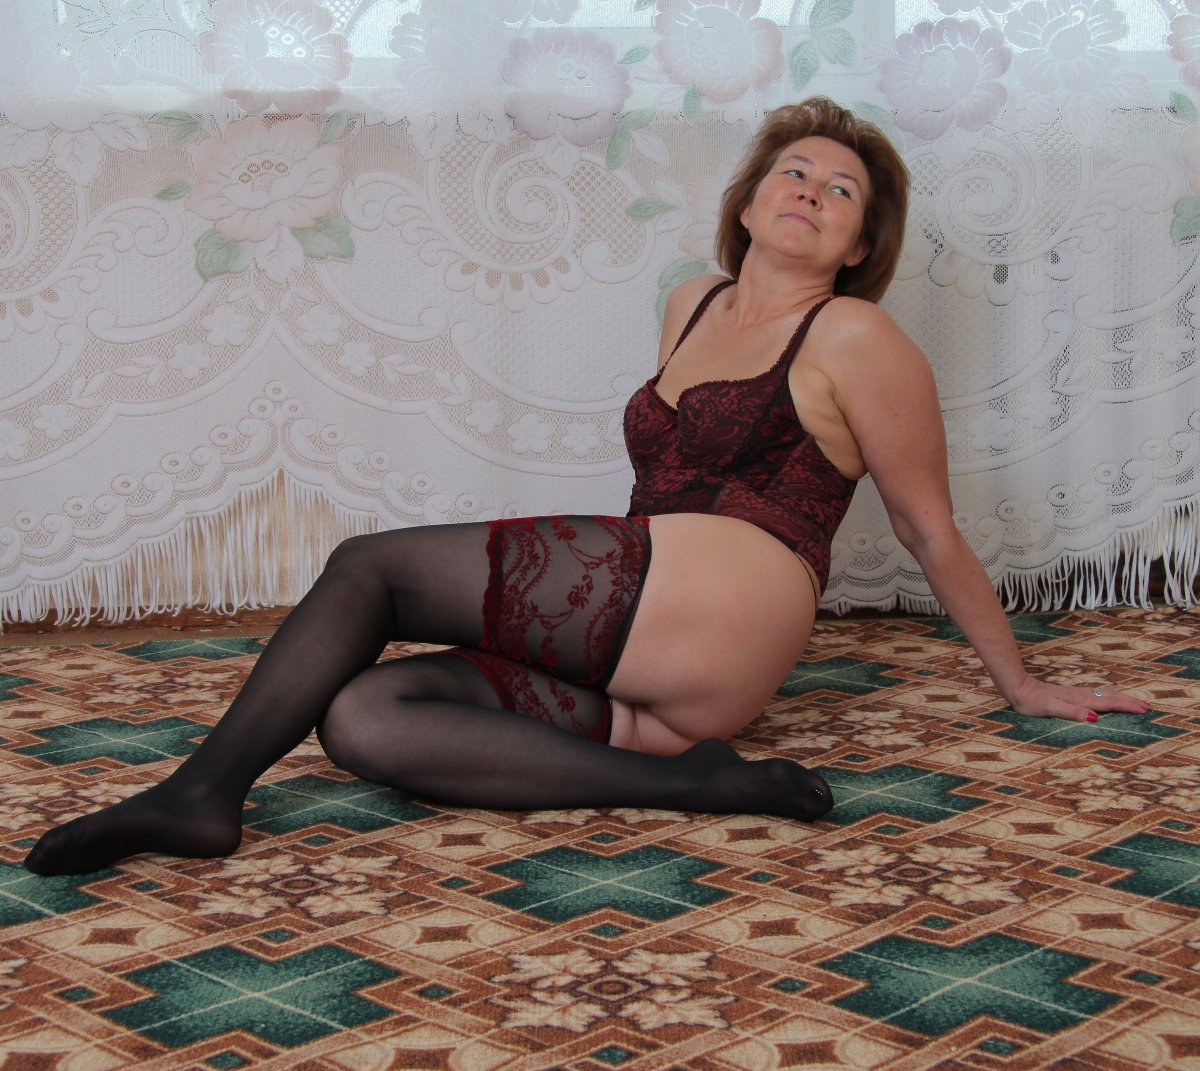 краснодар сауна проститутки